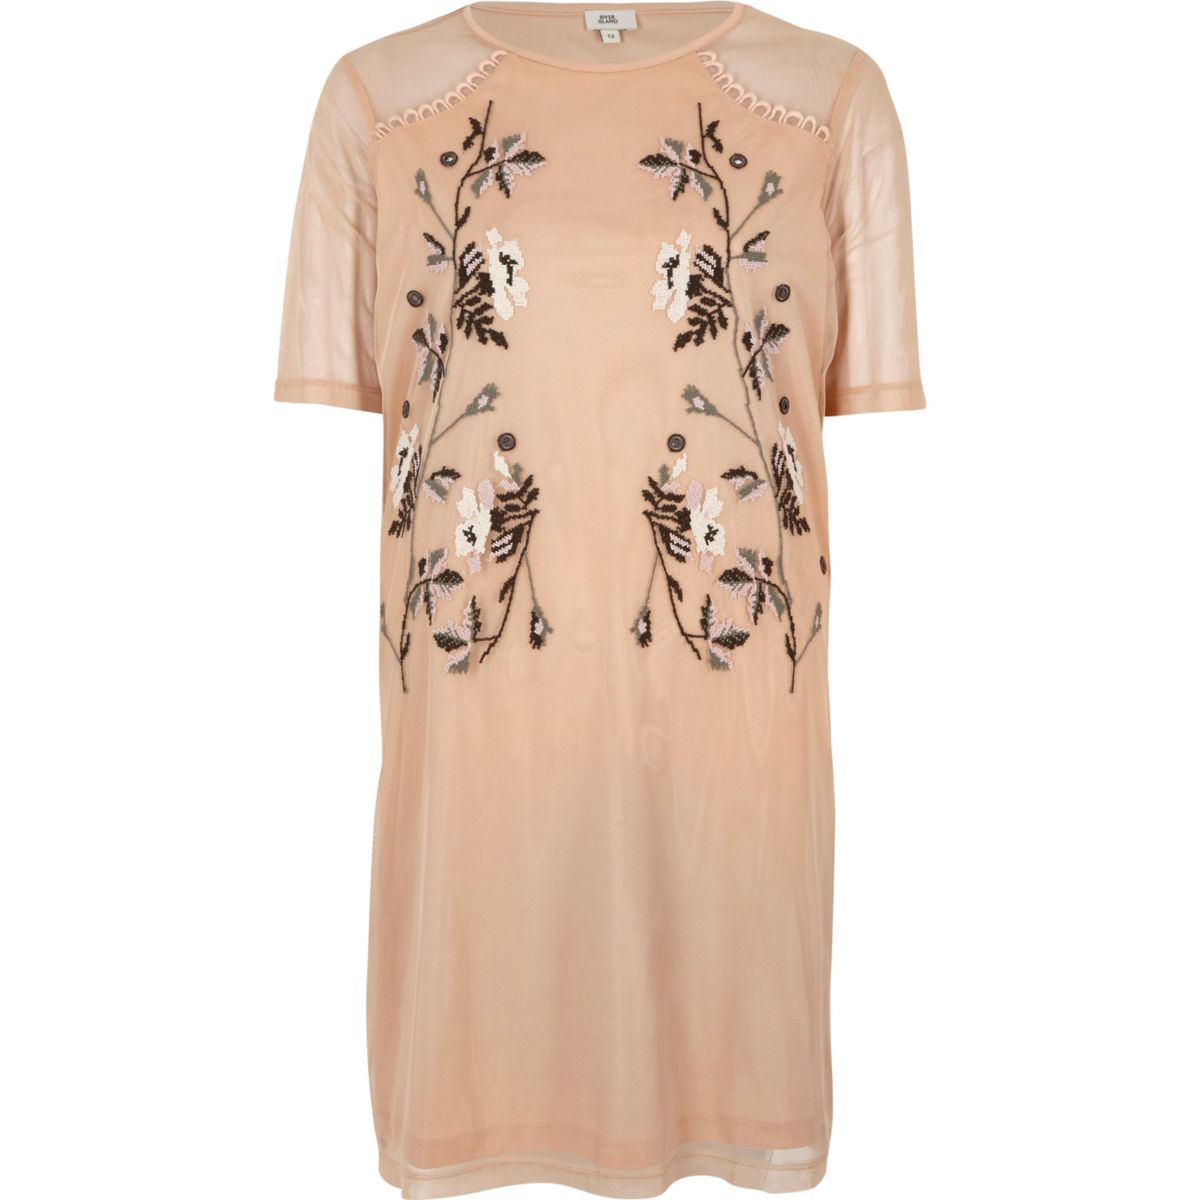 Light pink mesh embroidered T-shirt dress